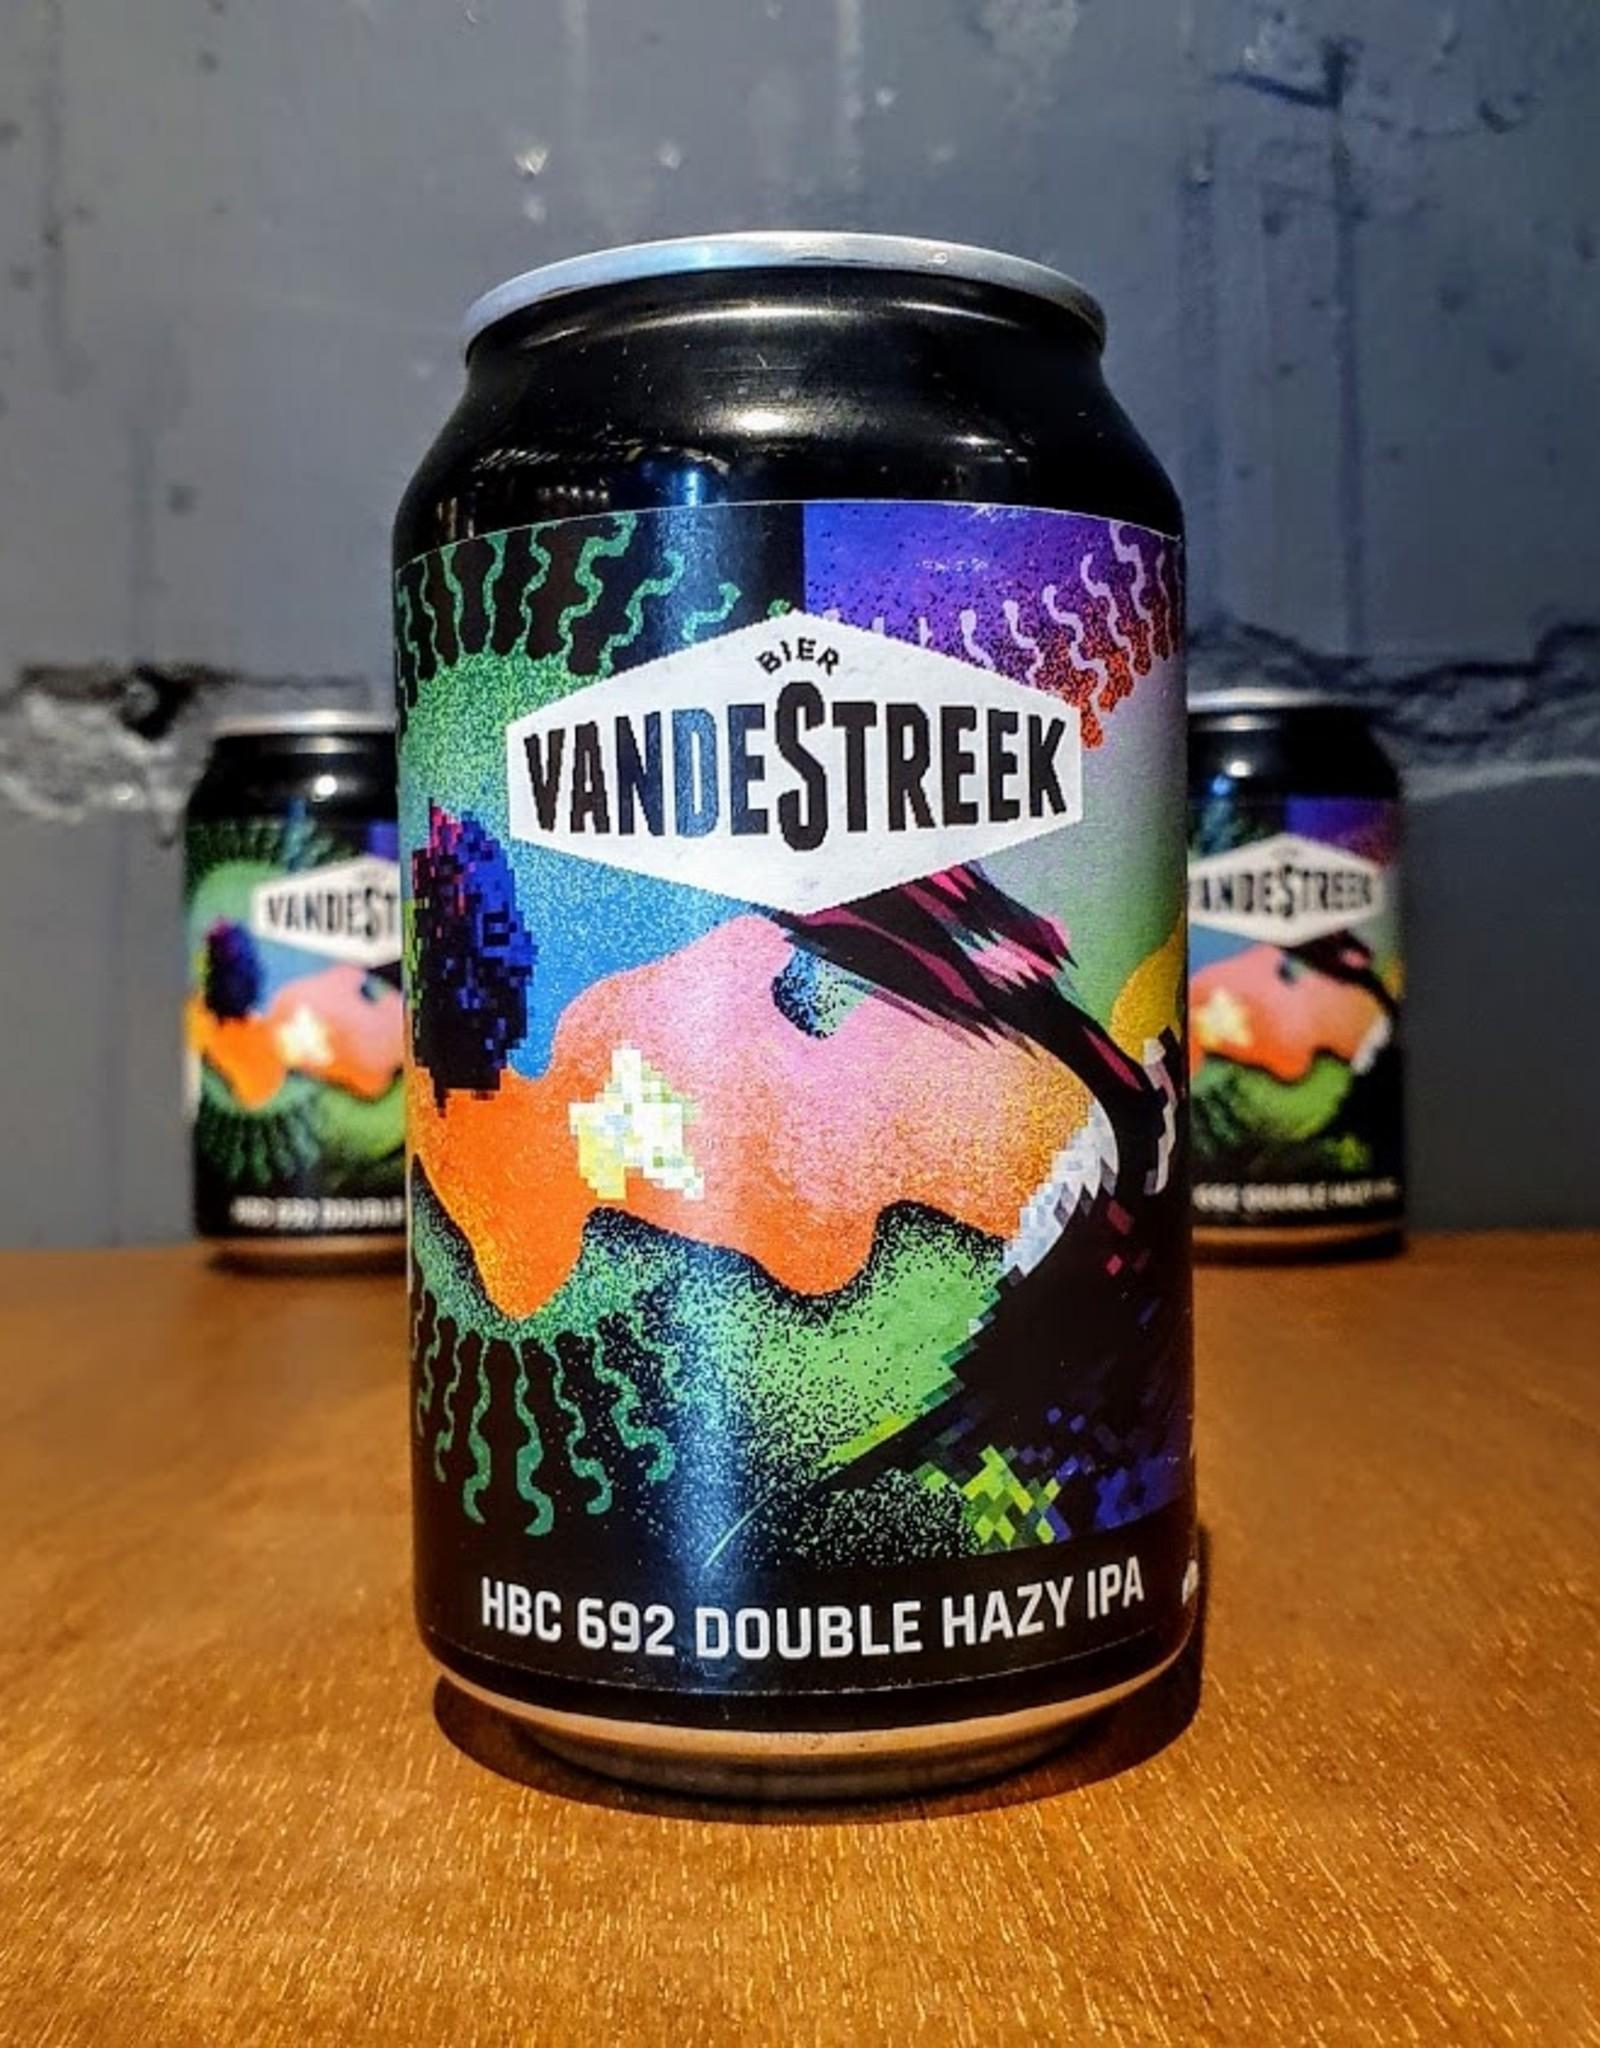 vandestreek VandeStreek: HBC 692 Double Hazy IPA